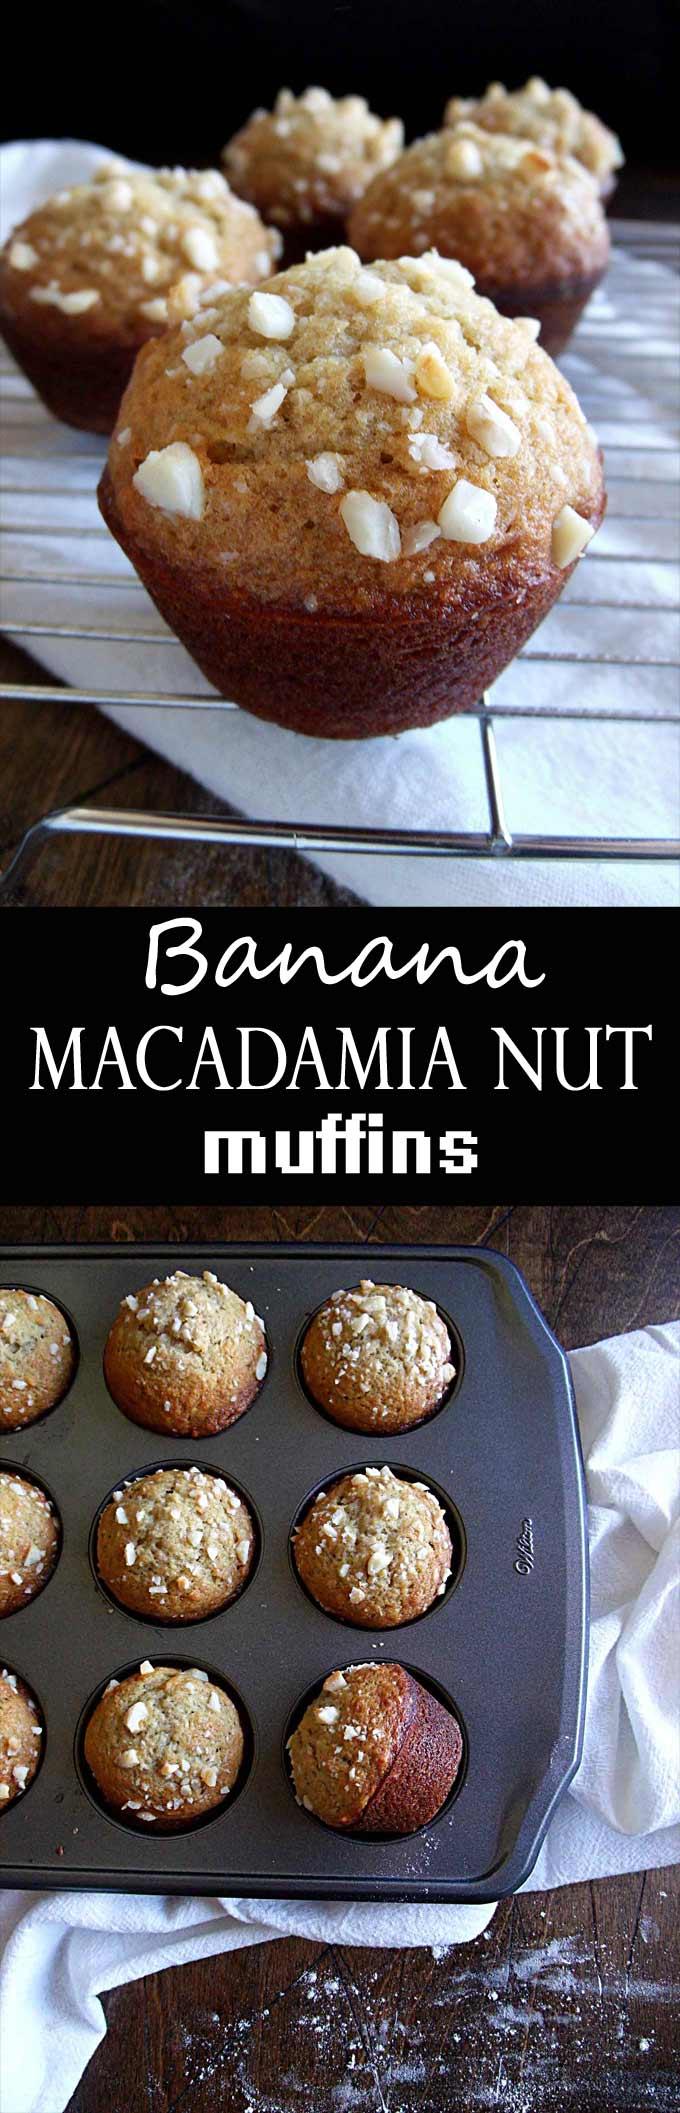 Banana macadamia nut muffins wyldflour banana macadamia nut muffin inspired by the muffins at huggos in kona hawaii forumfinder Images